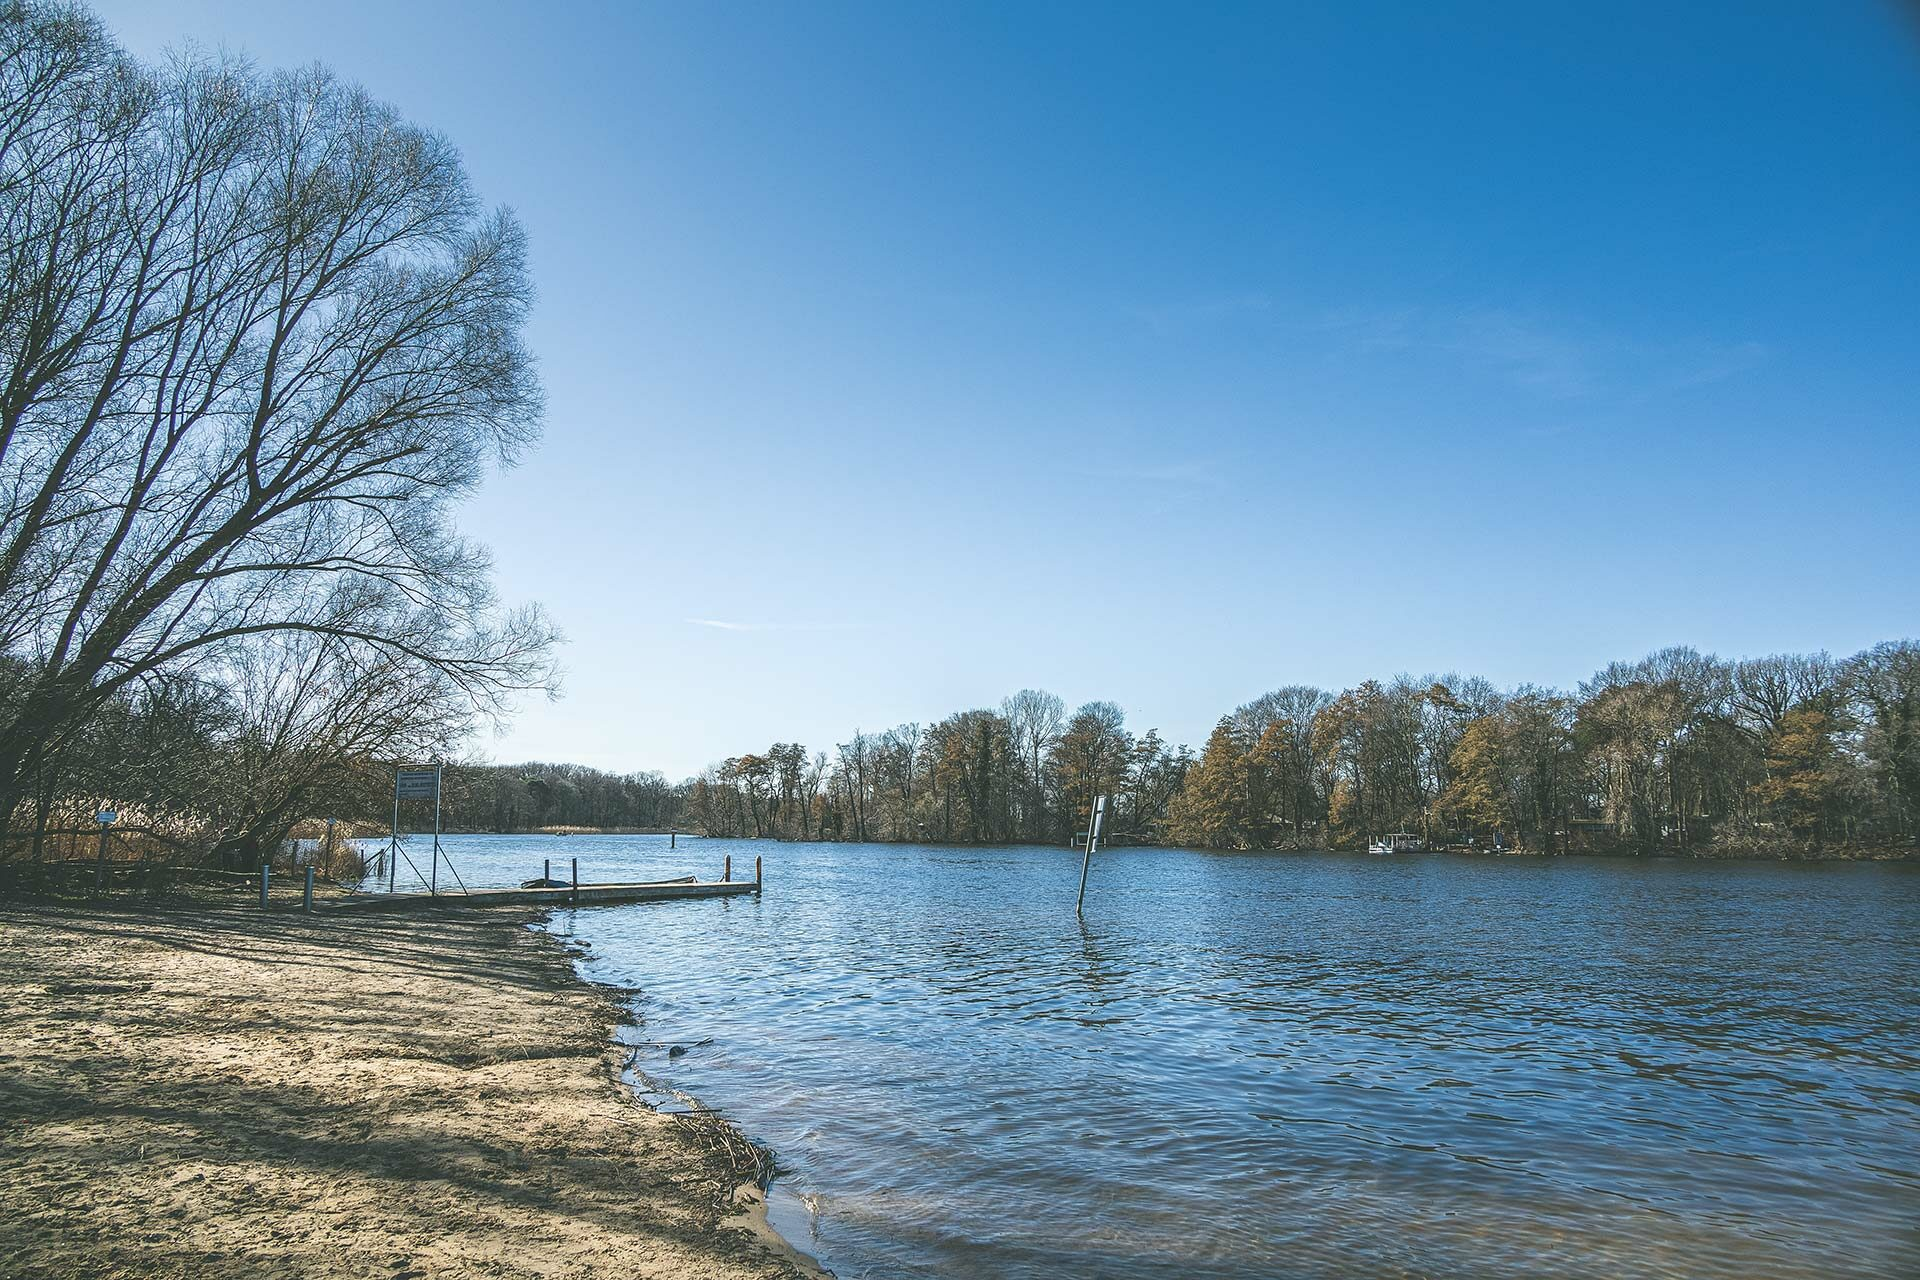 Am Reiswerder Strand im Forst Jungfernheide trifft Natur auf Mensch. Egal ob zum Angeln, für den Rudersport oder zum Baden – der Tegeler See ist beliebt.